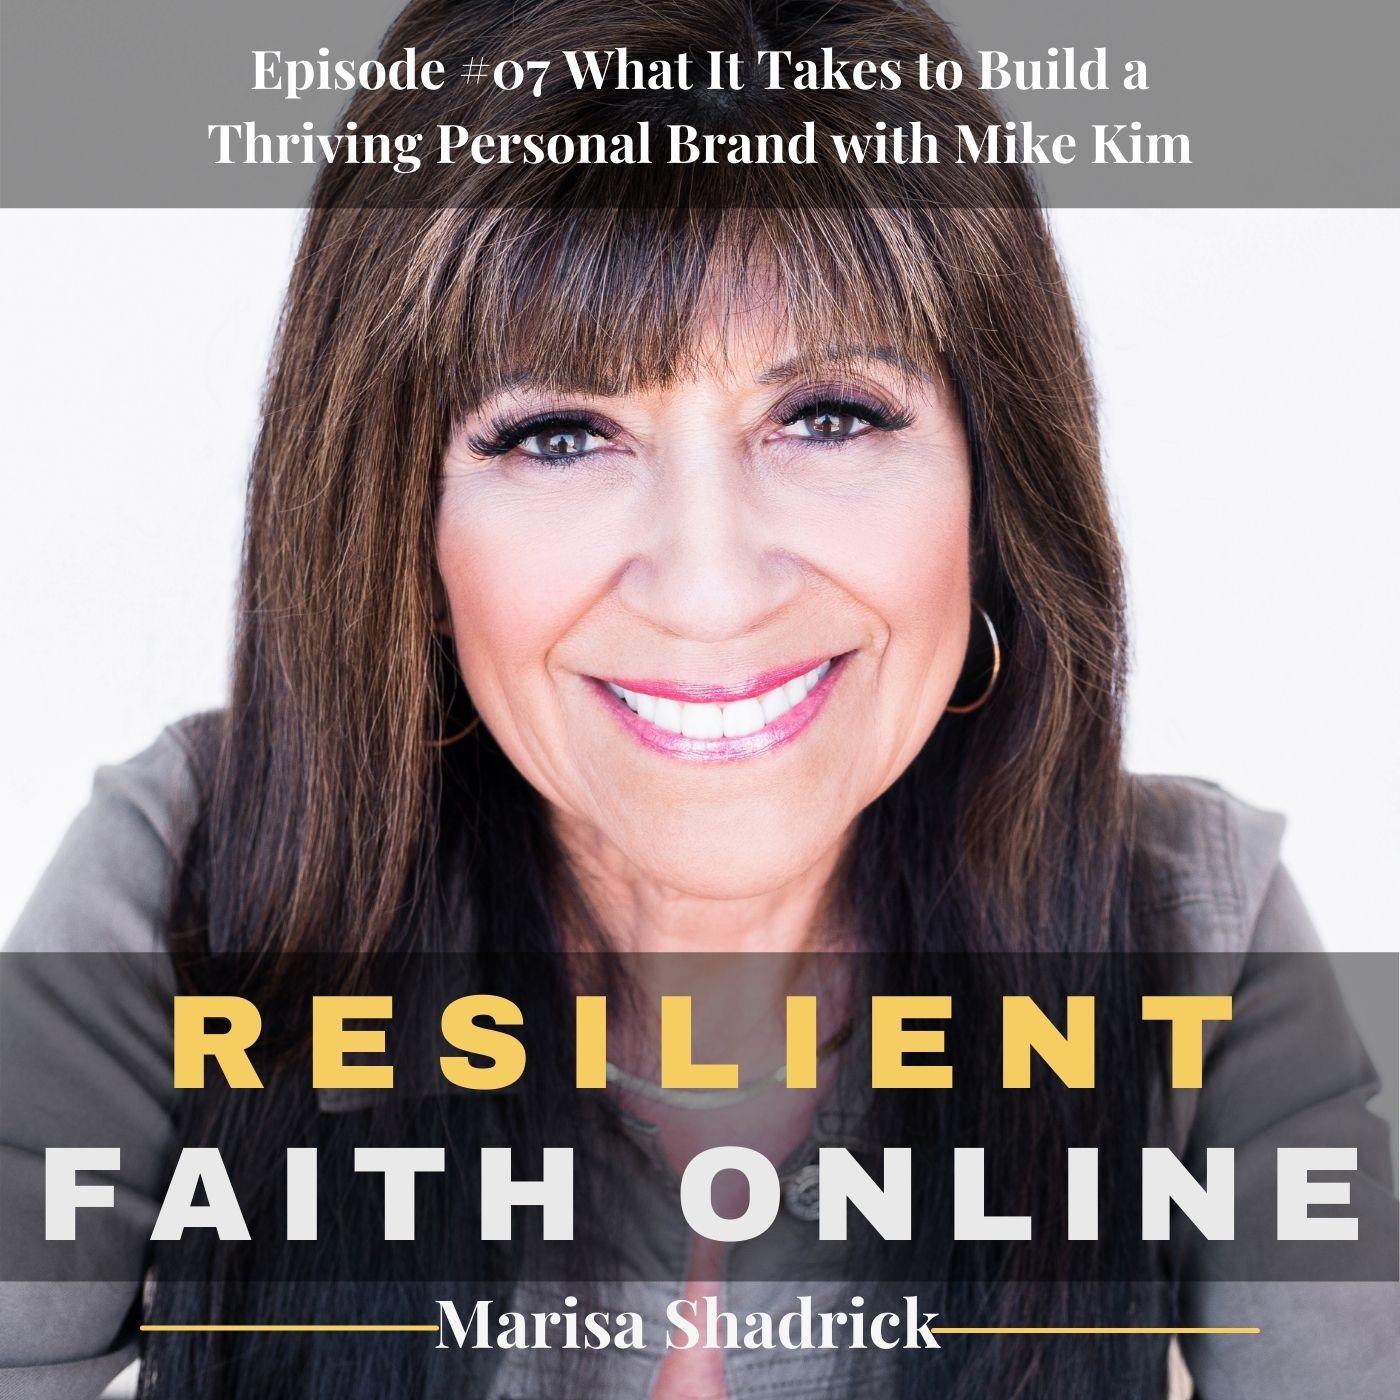 Resilient Faith Online